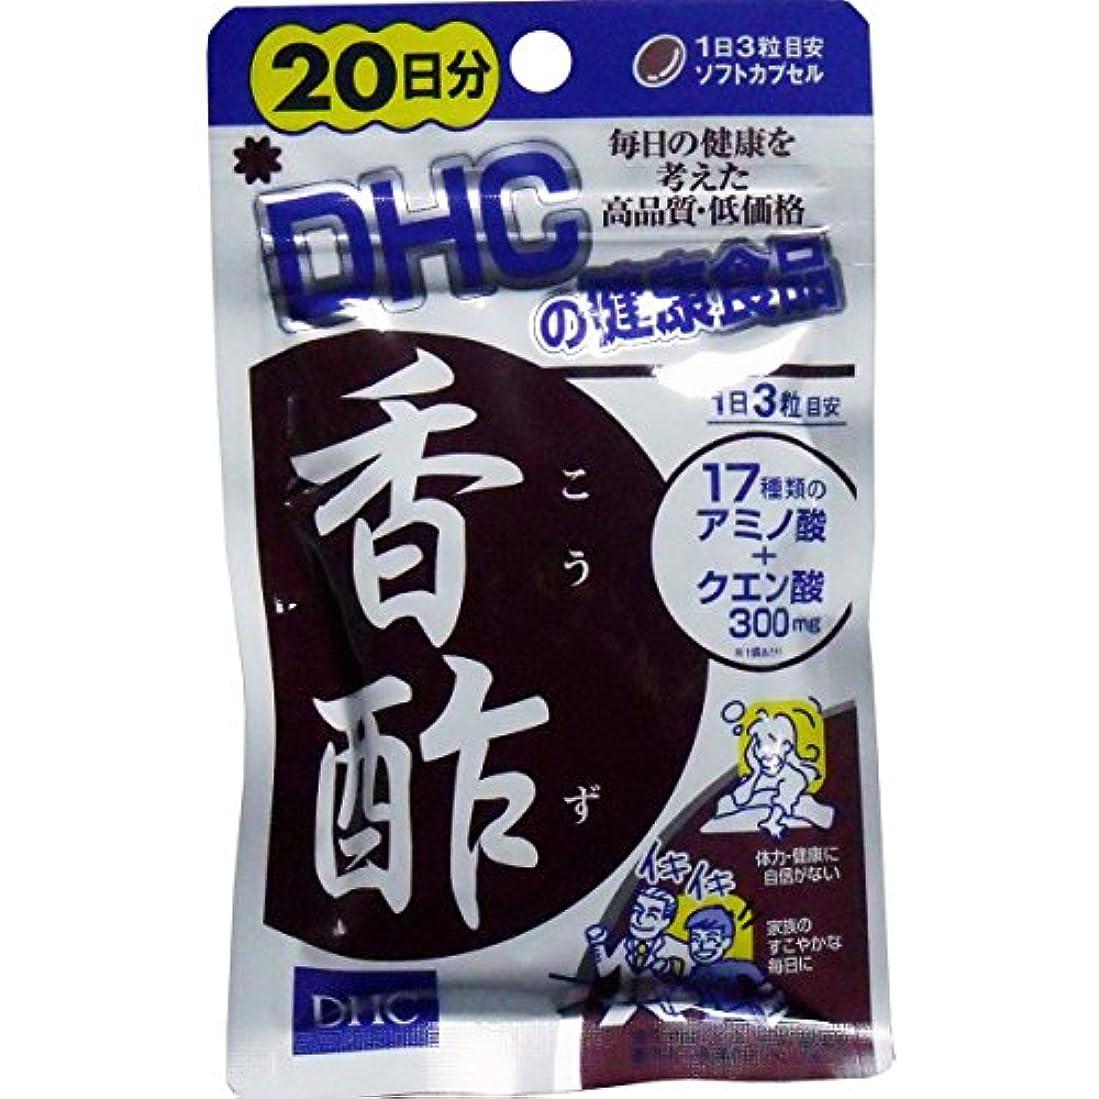 クロール裁量アナロジーDHC 香酢 20日分 60粒入「4点セット」